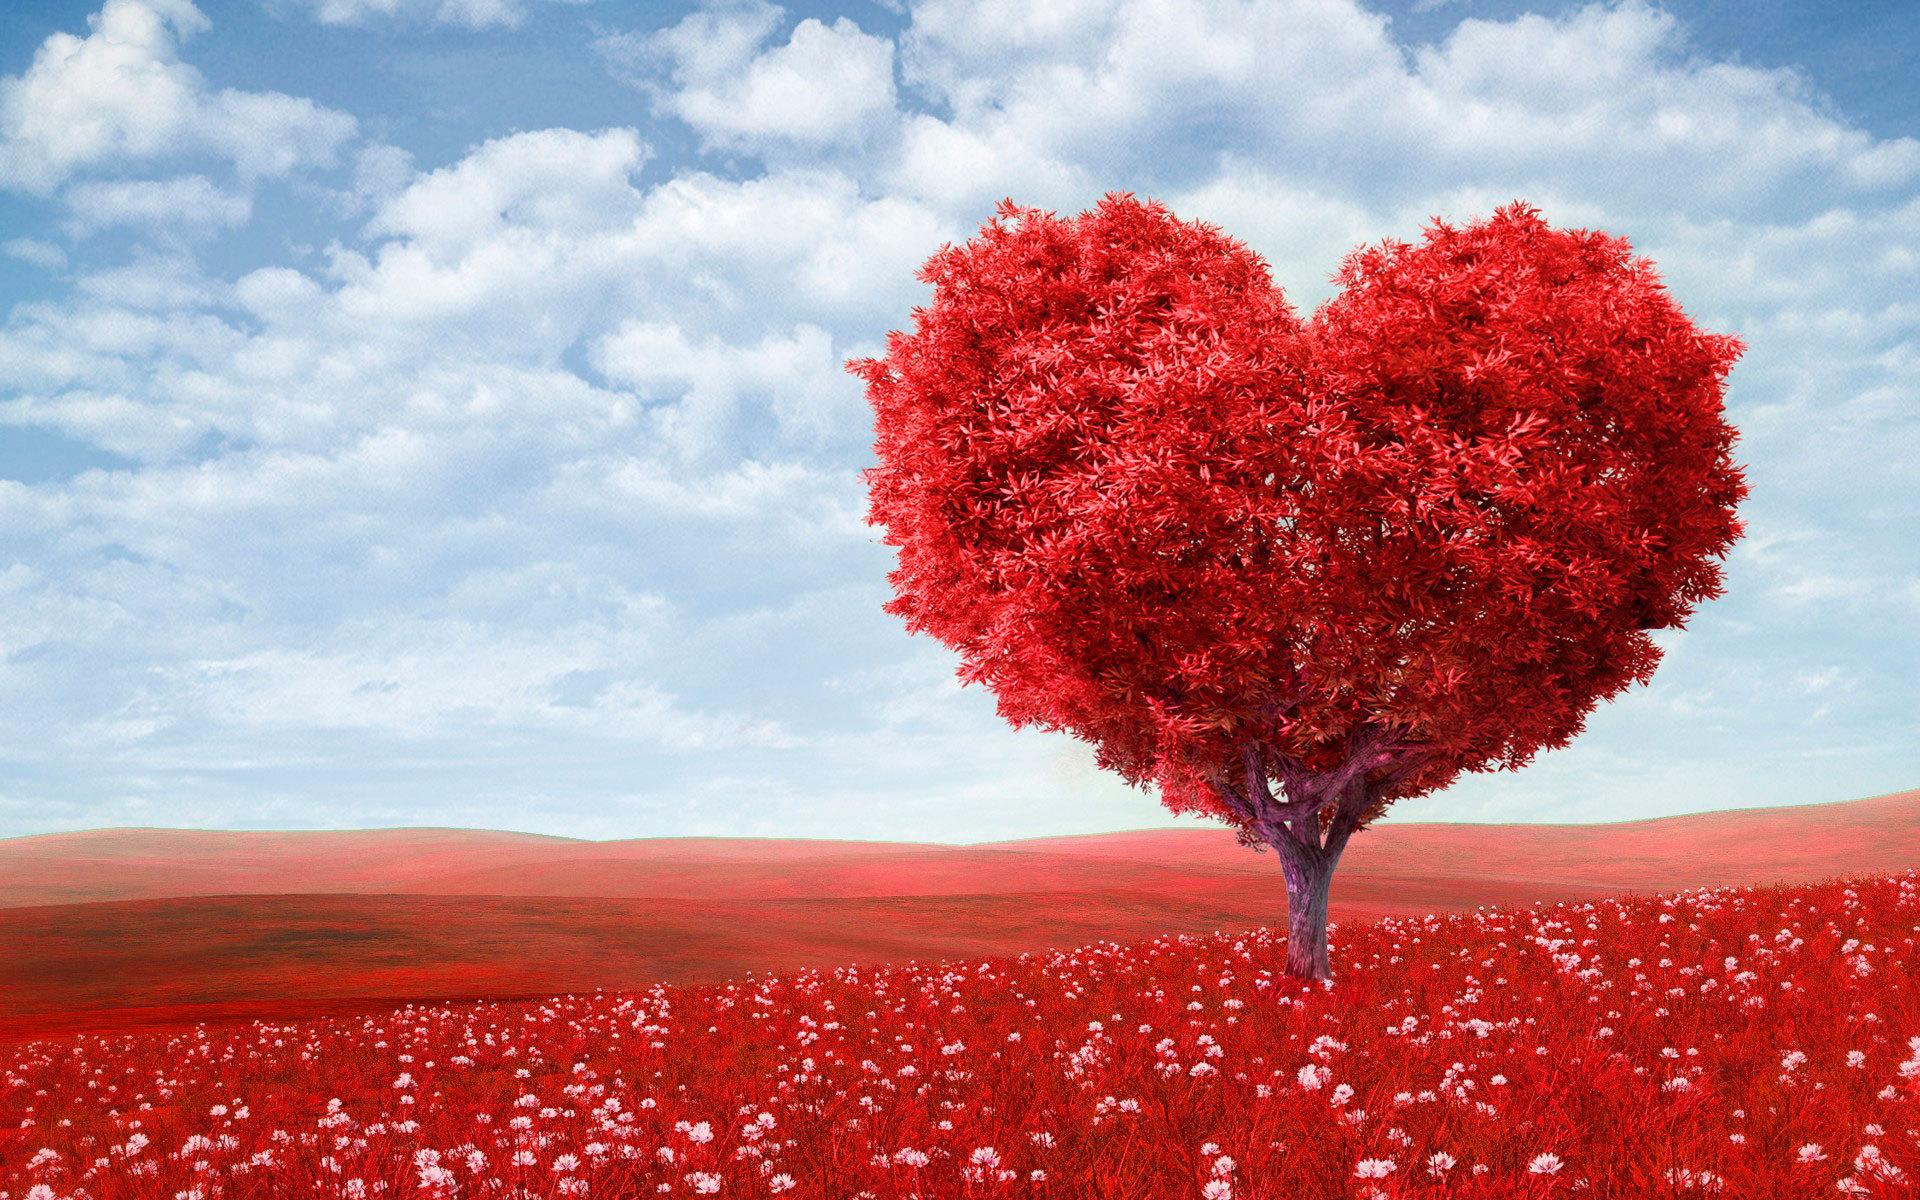 Мережу підірвав «старий гуцульський звичай» на День святого Валентина